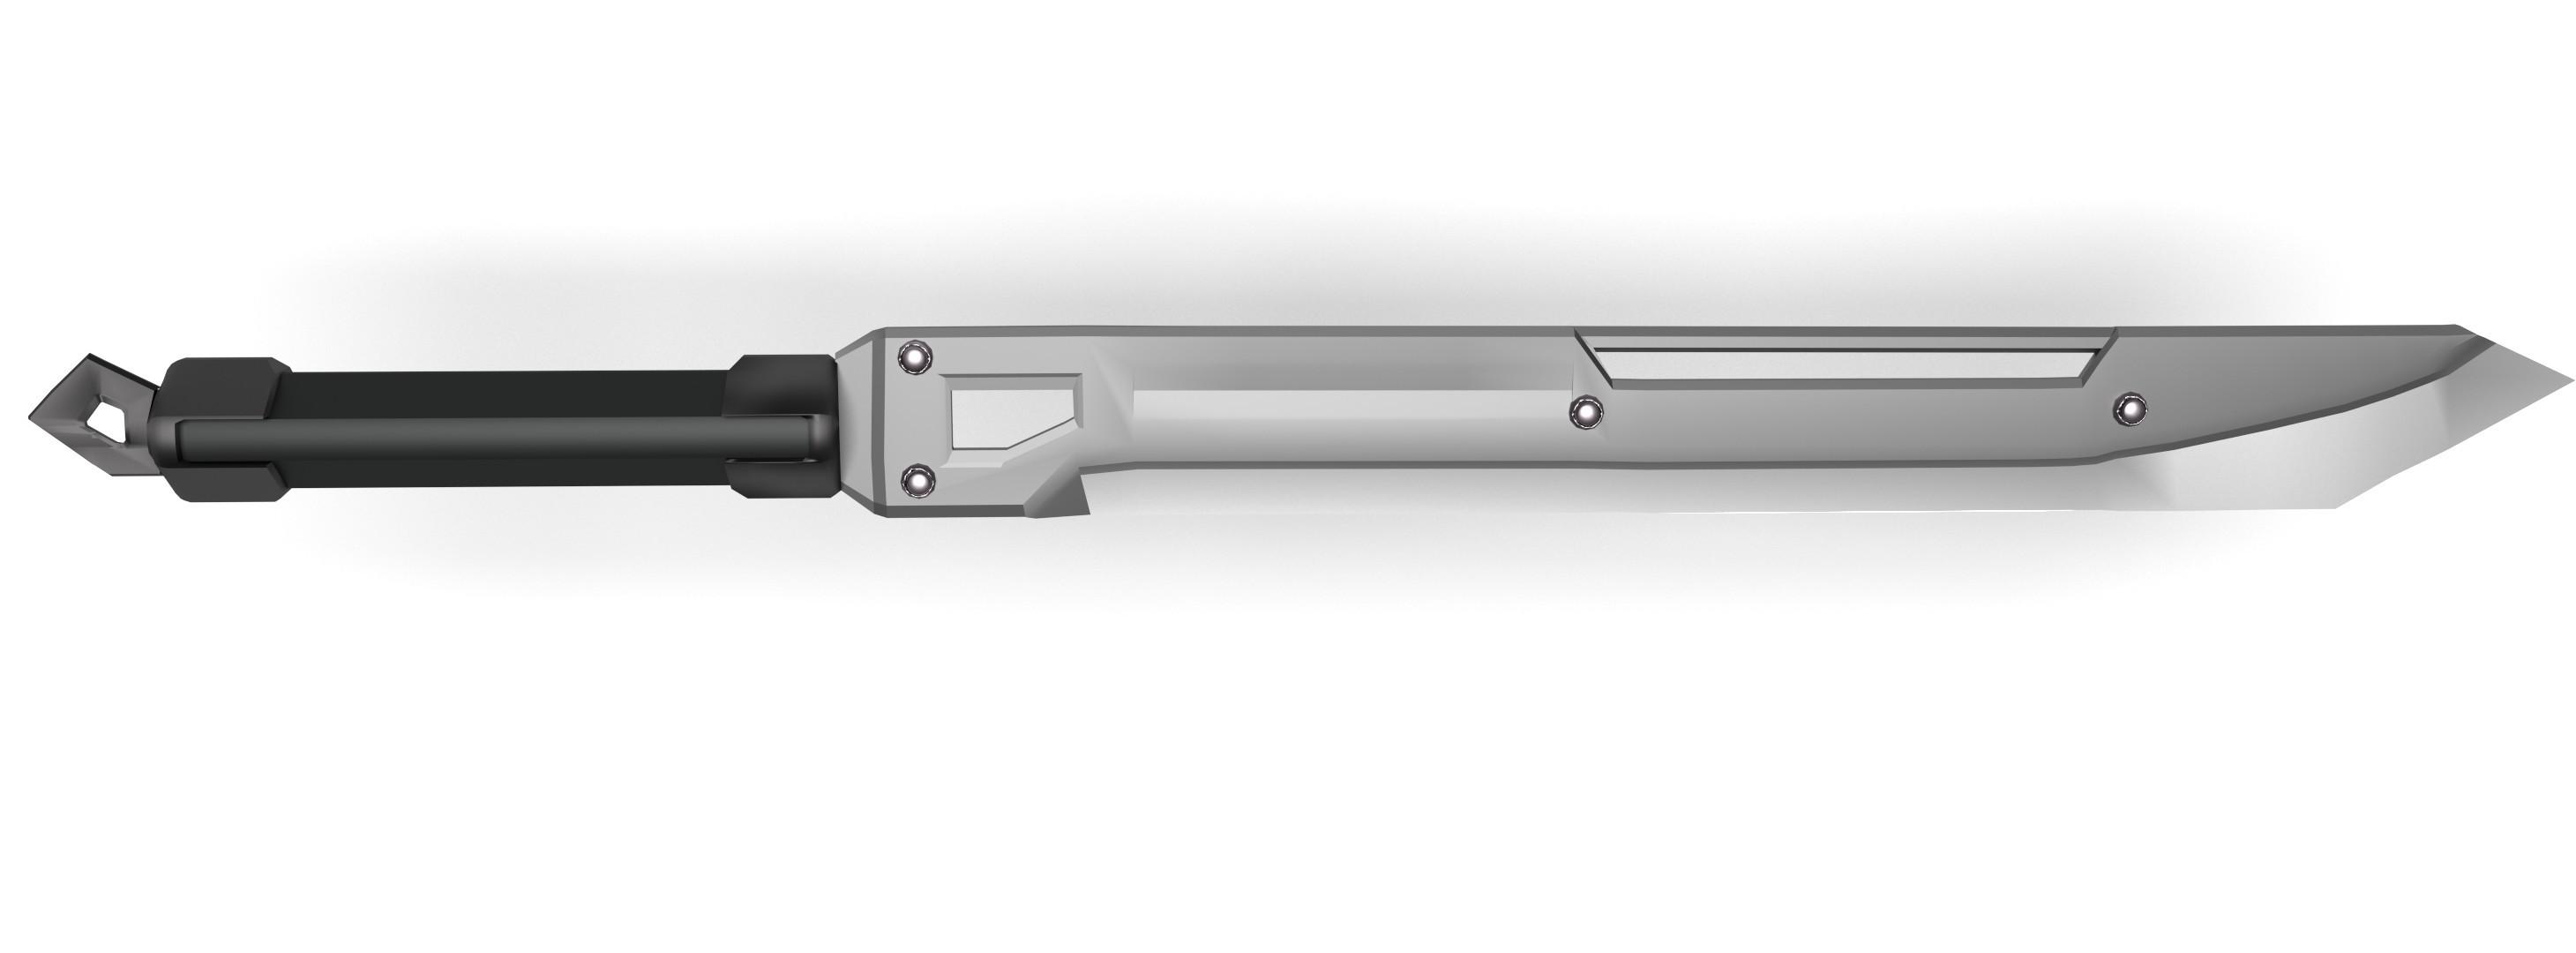 Sword .jpg